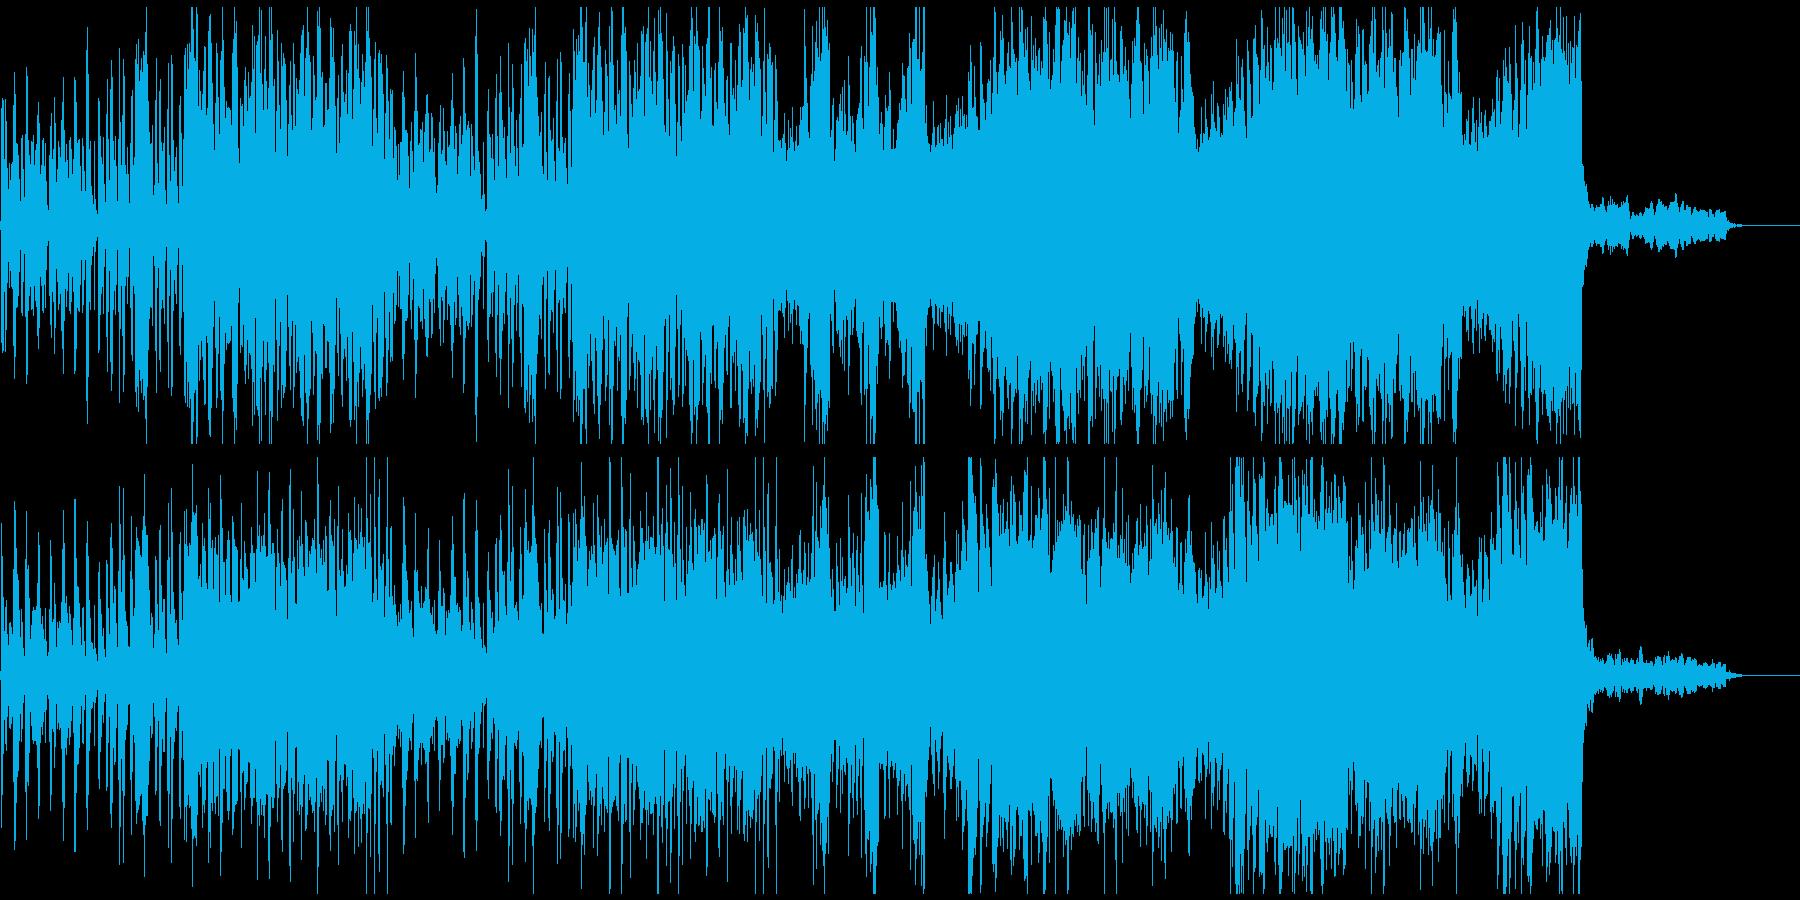 イベントやゲームに 海賊 オーケストラの再生済みの波形